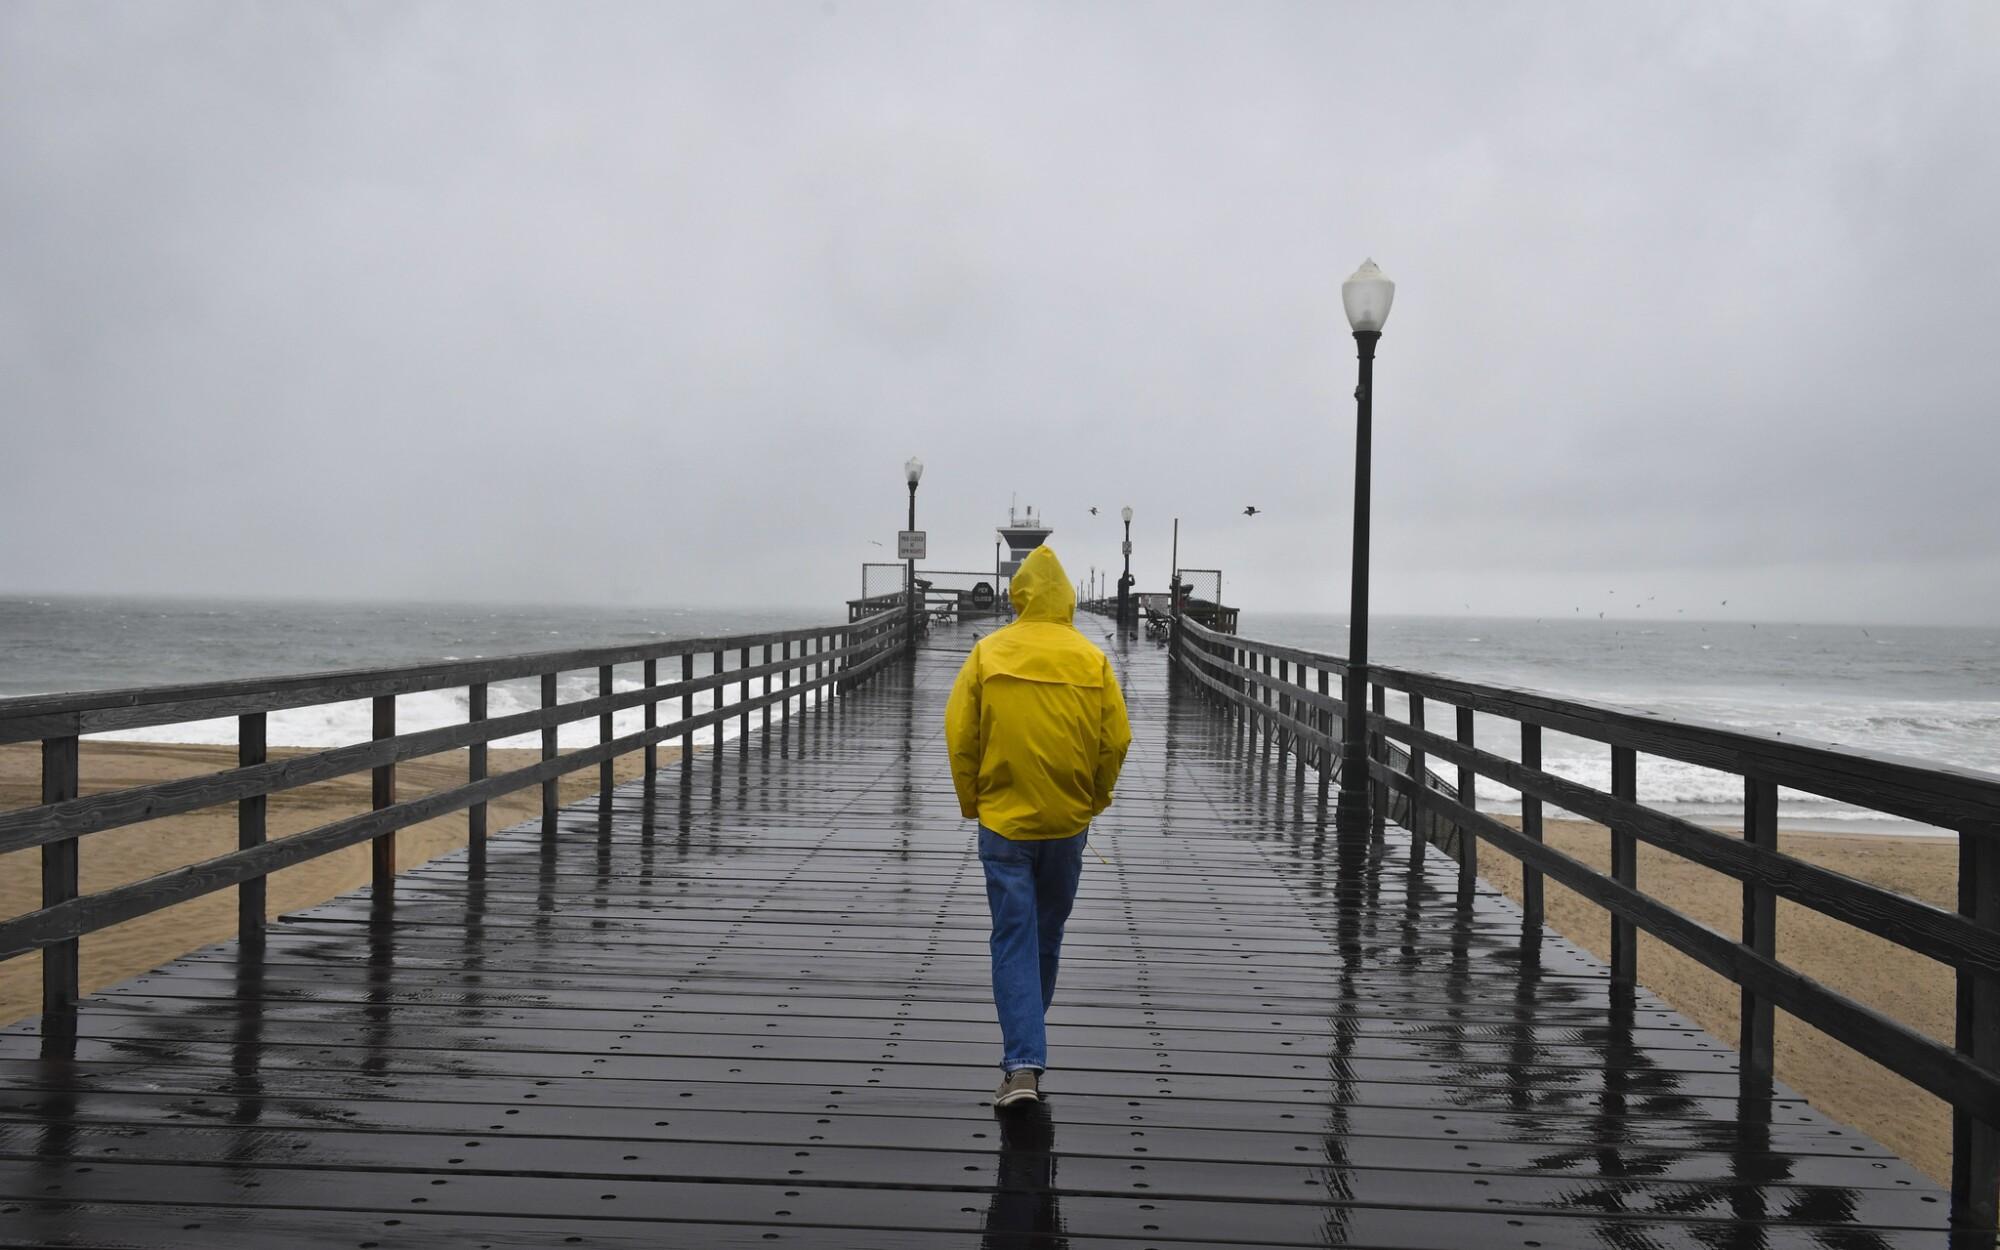 A pedestrian walks along Seal Beach Pier in the rain.